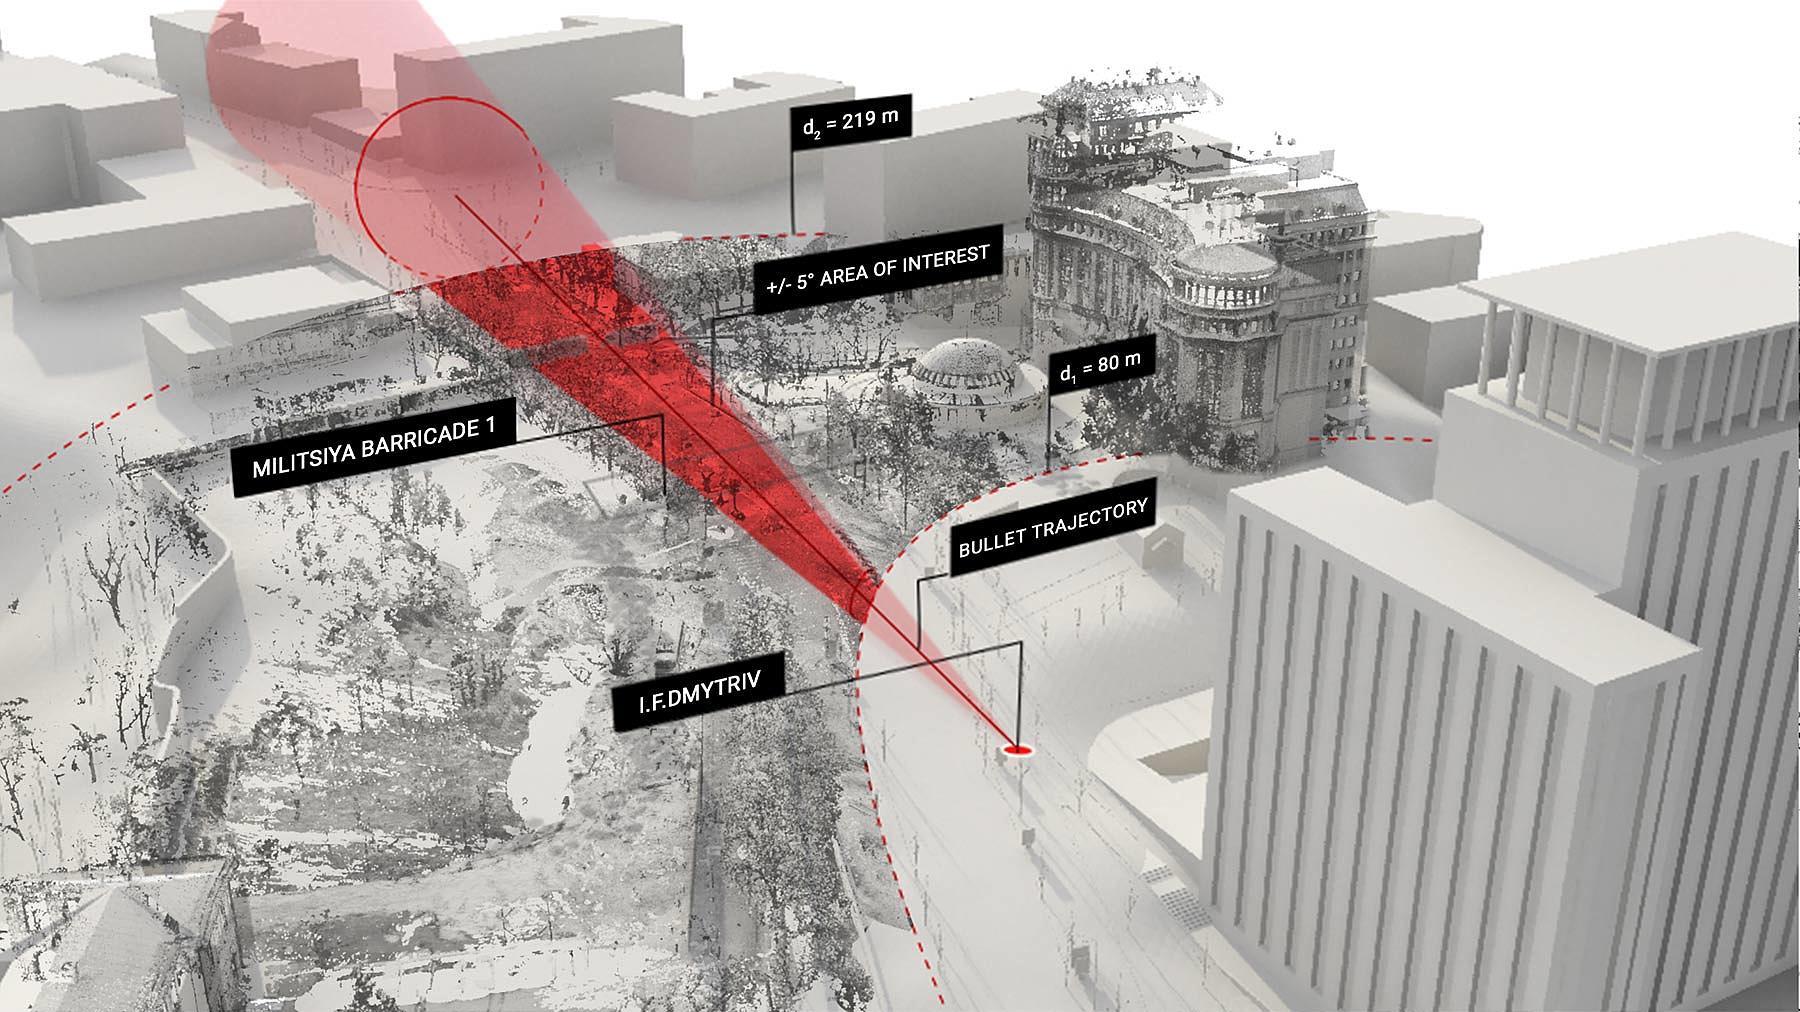 SITU – Euromaidan Event Reconstruction